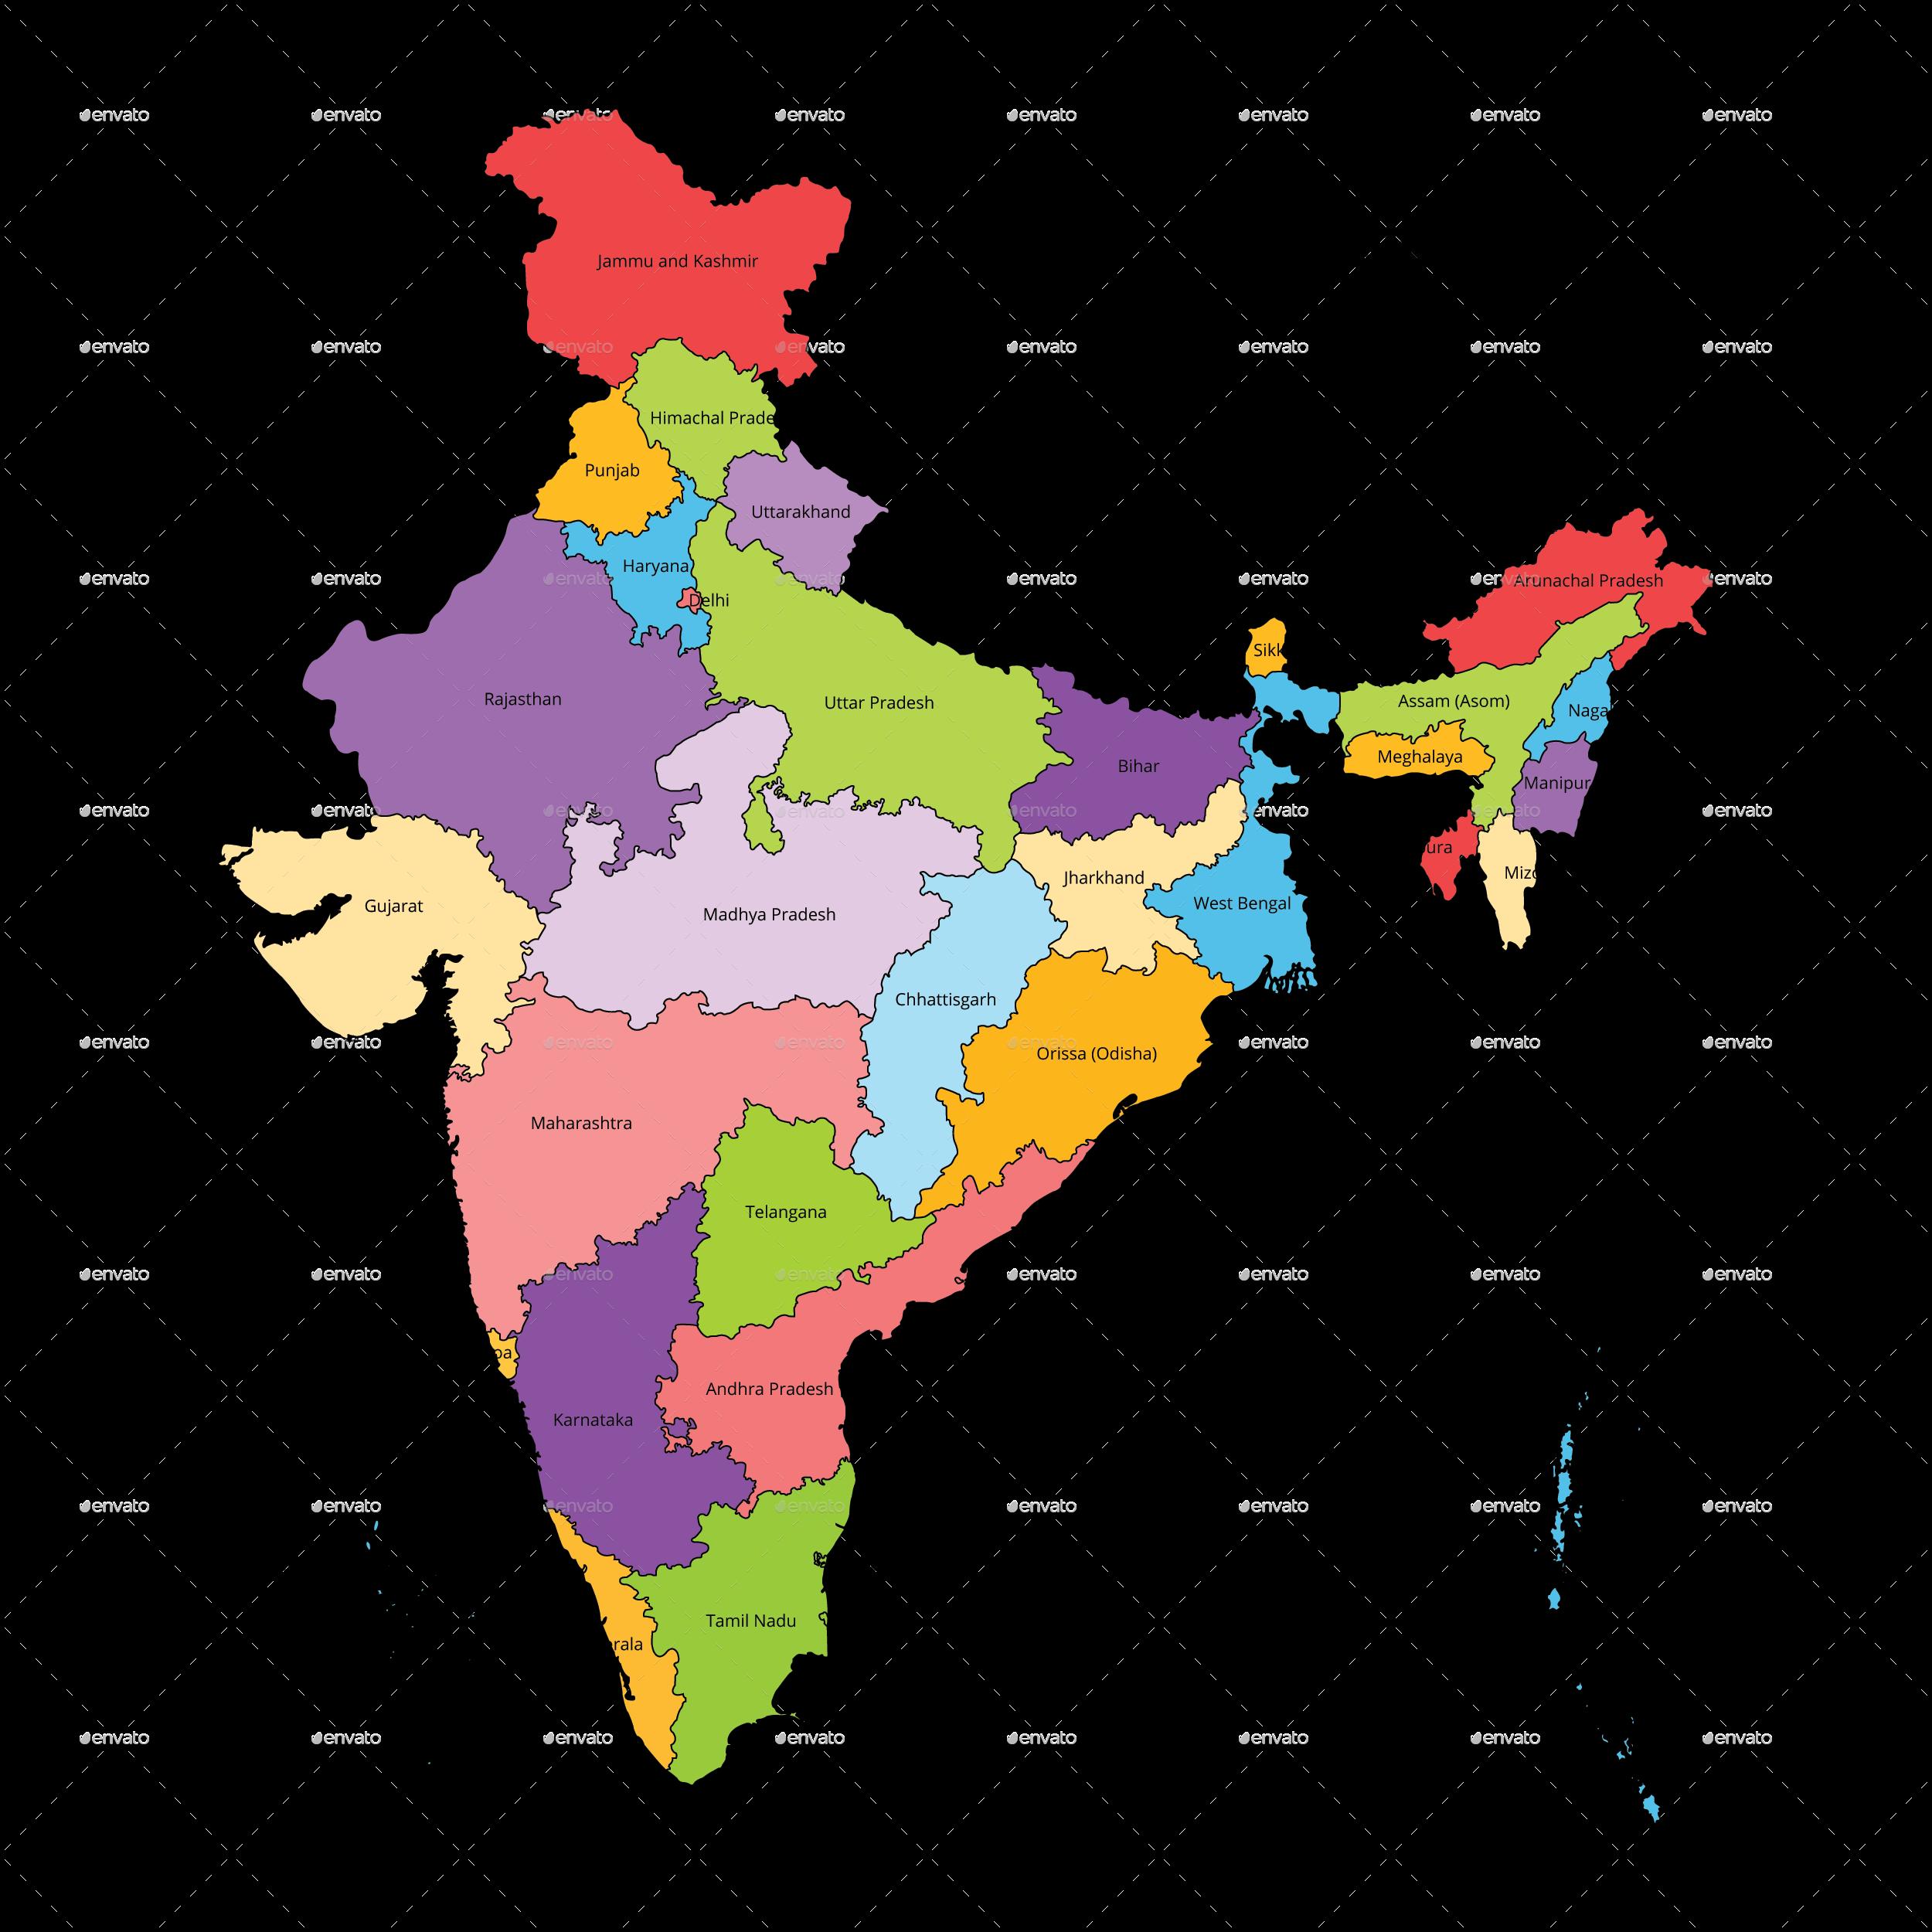 भारतमा एकैदिन थपिए ४ लाख १४ हजार कोरोना संक्रमित